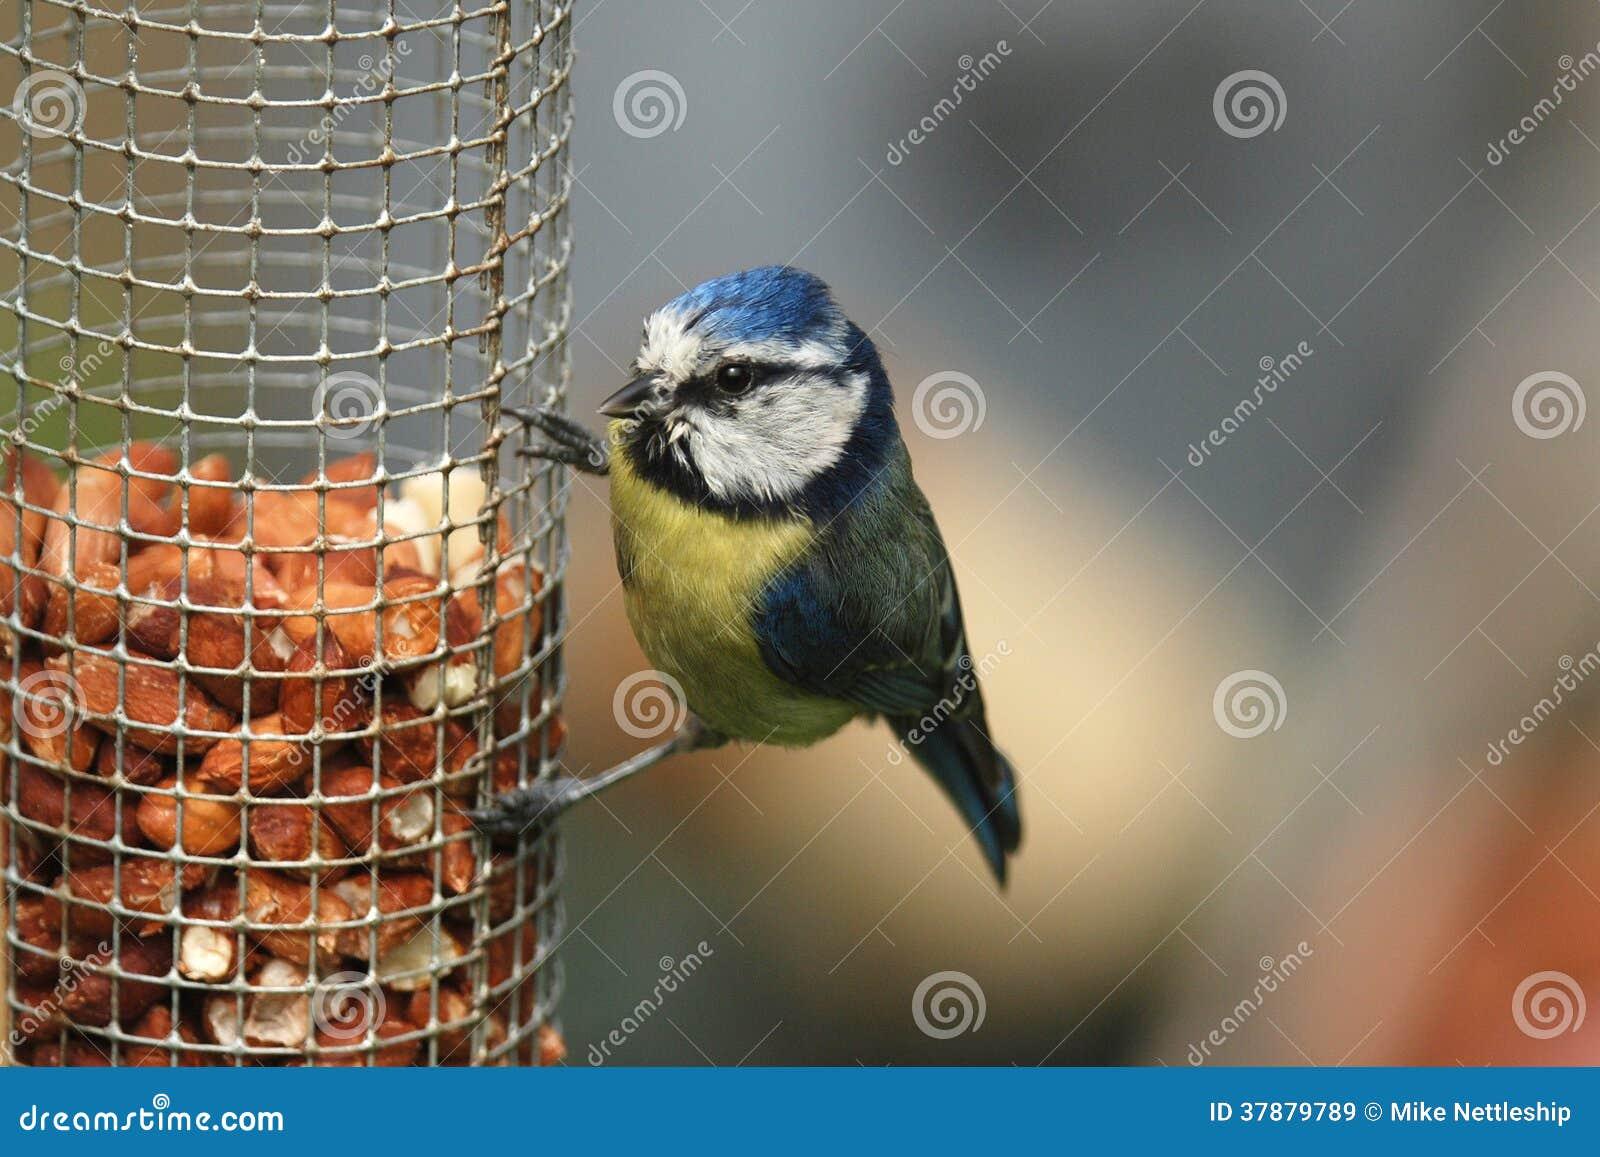 Een blauwe mees streek het voeden op pinda s van een voeder neer